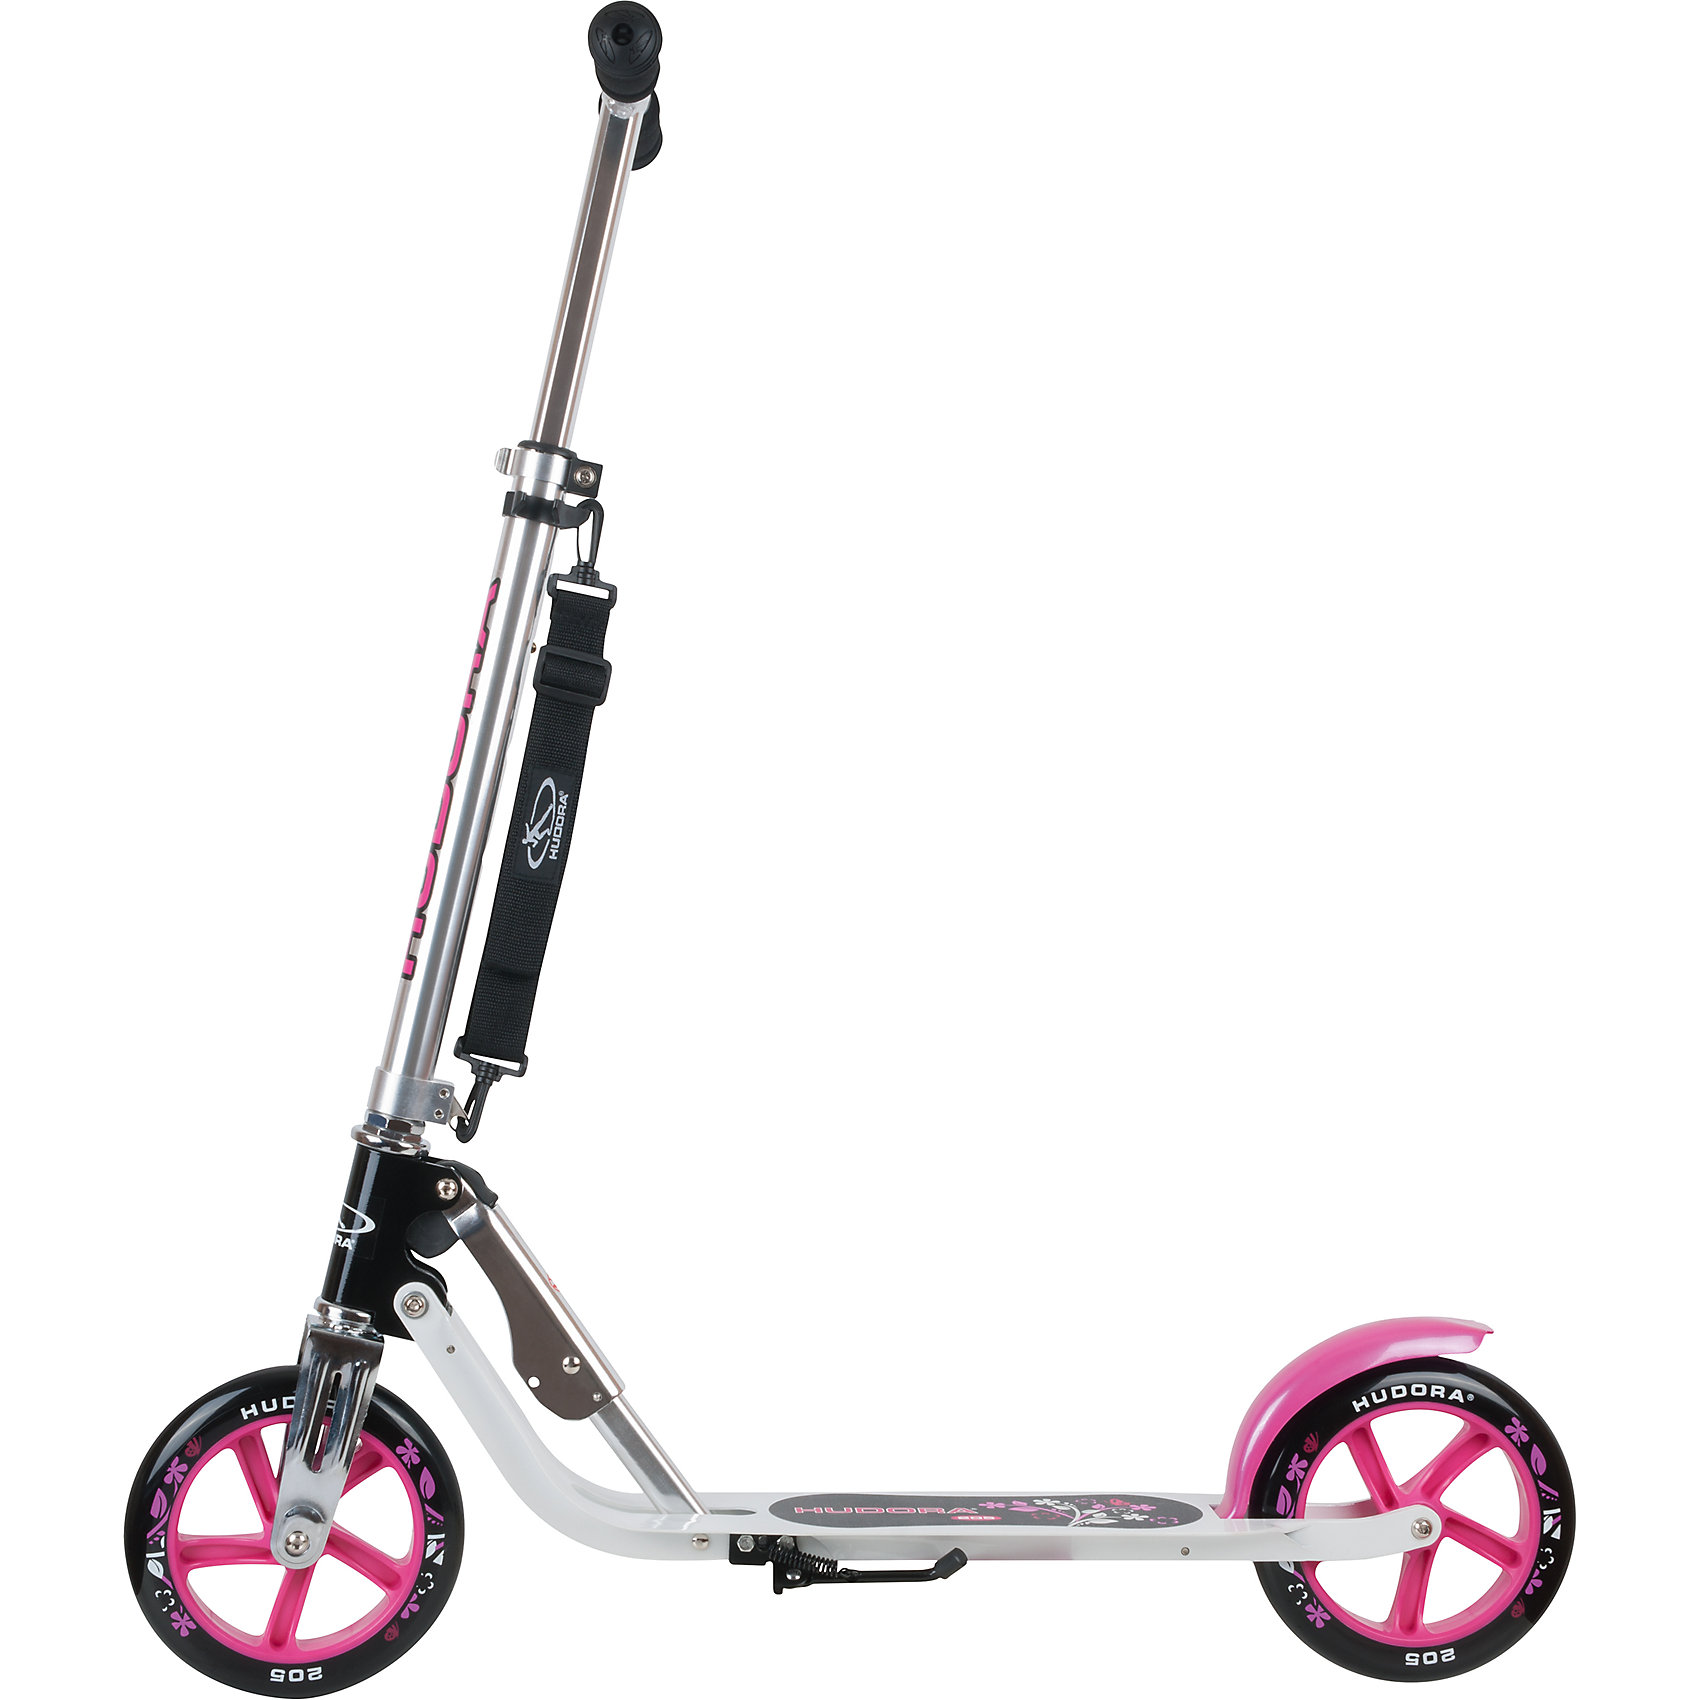 Indexbild 3 - Neu Hudora Scooter Big Wheel 205 mm, pink/schwarz 6071773 pink blau